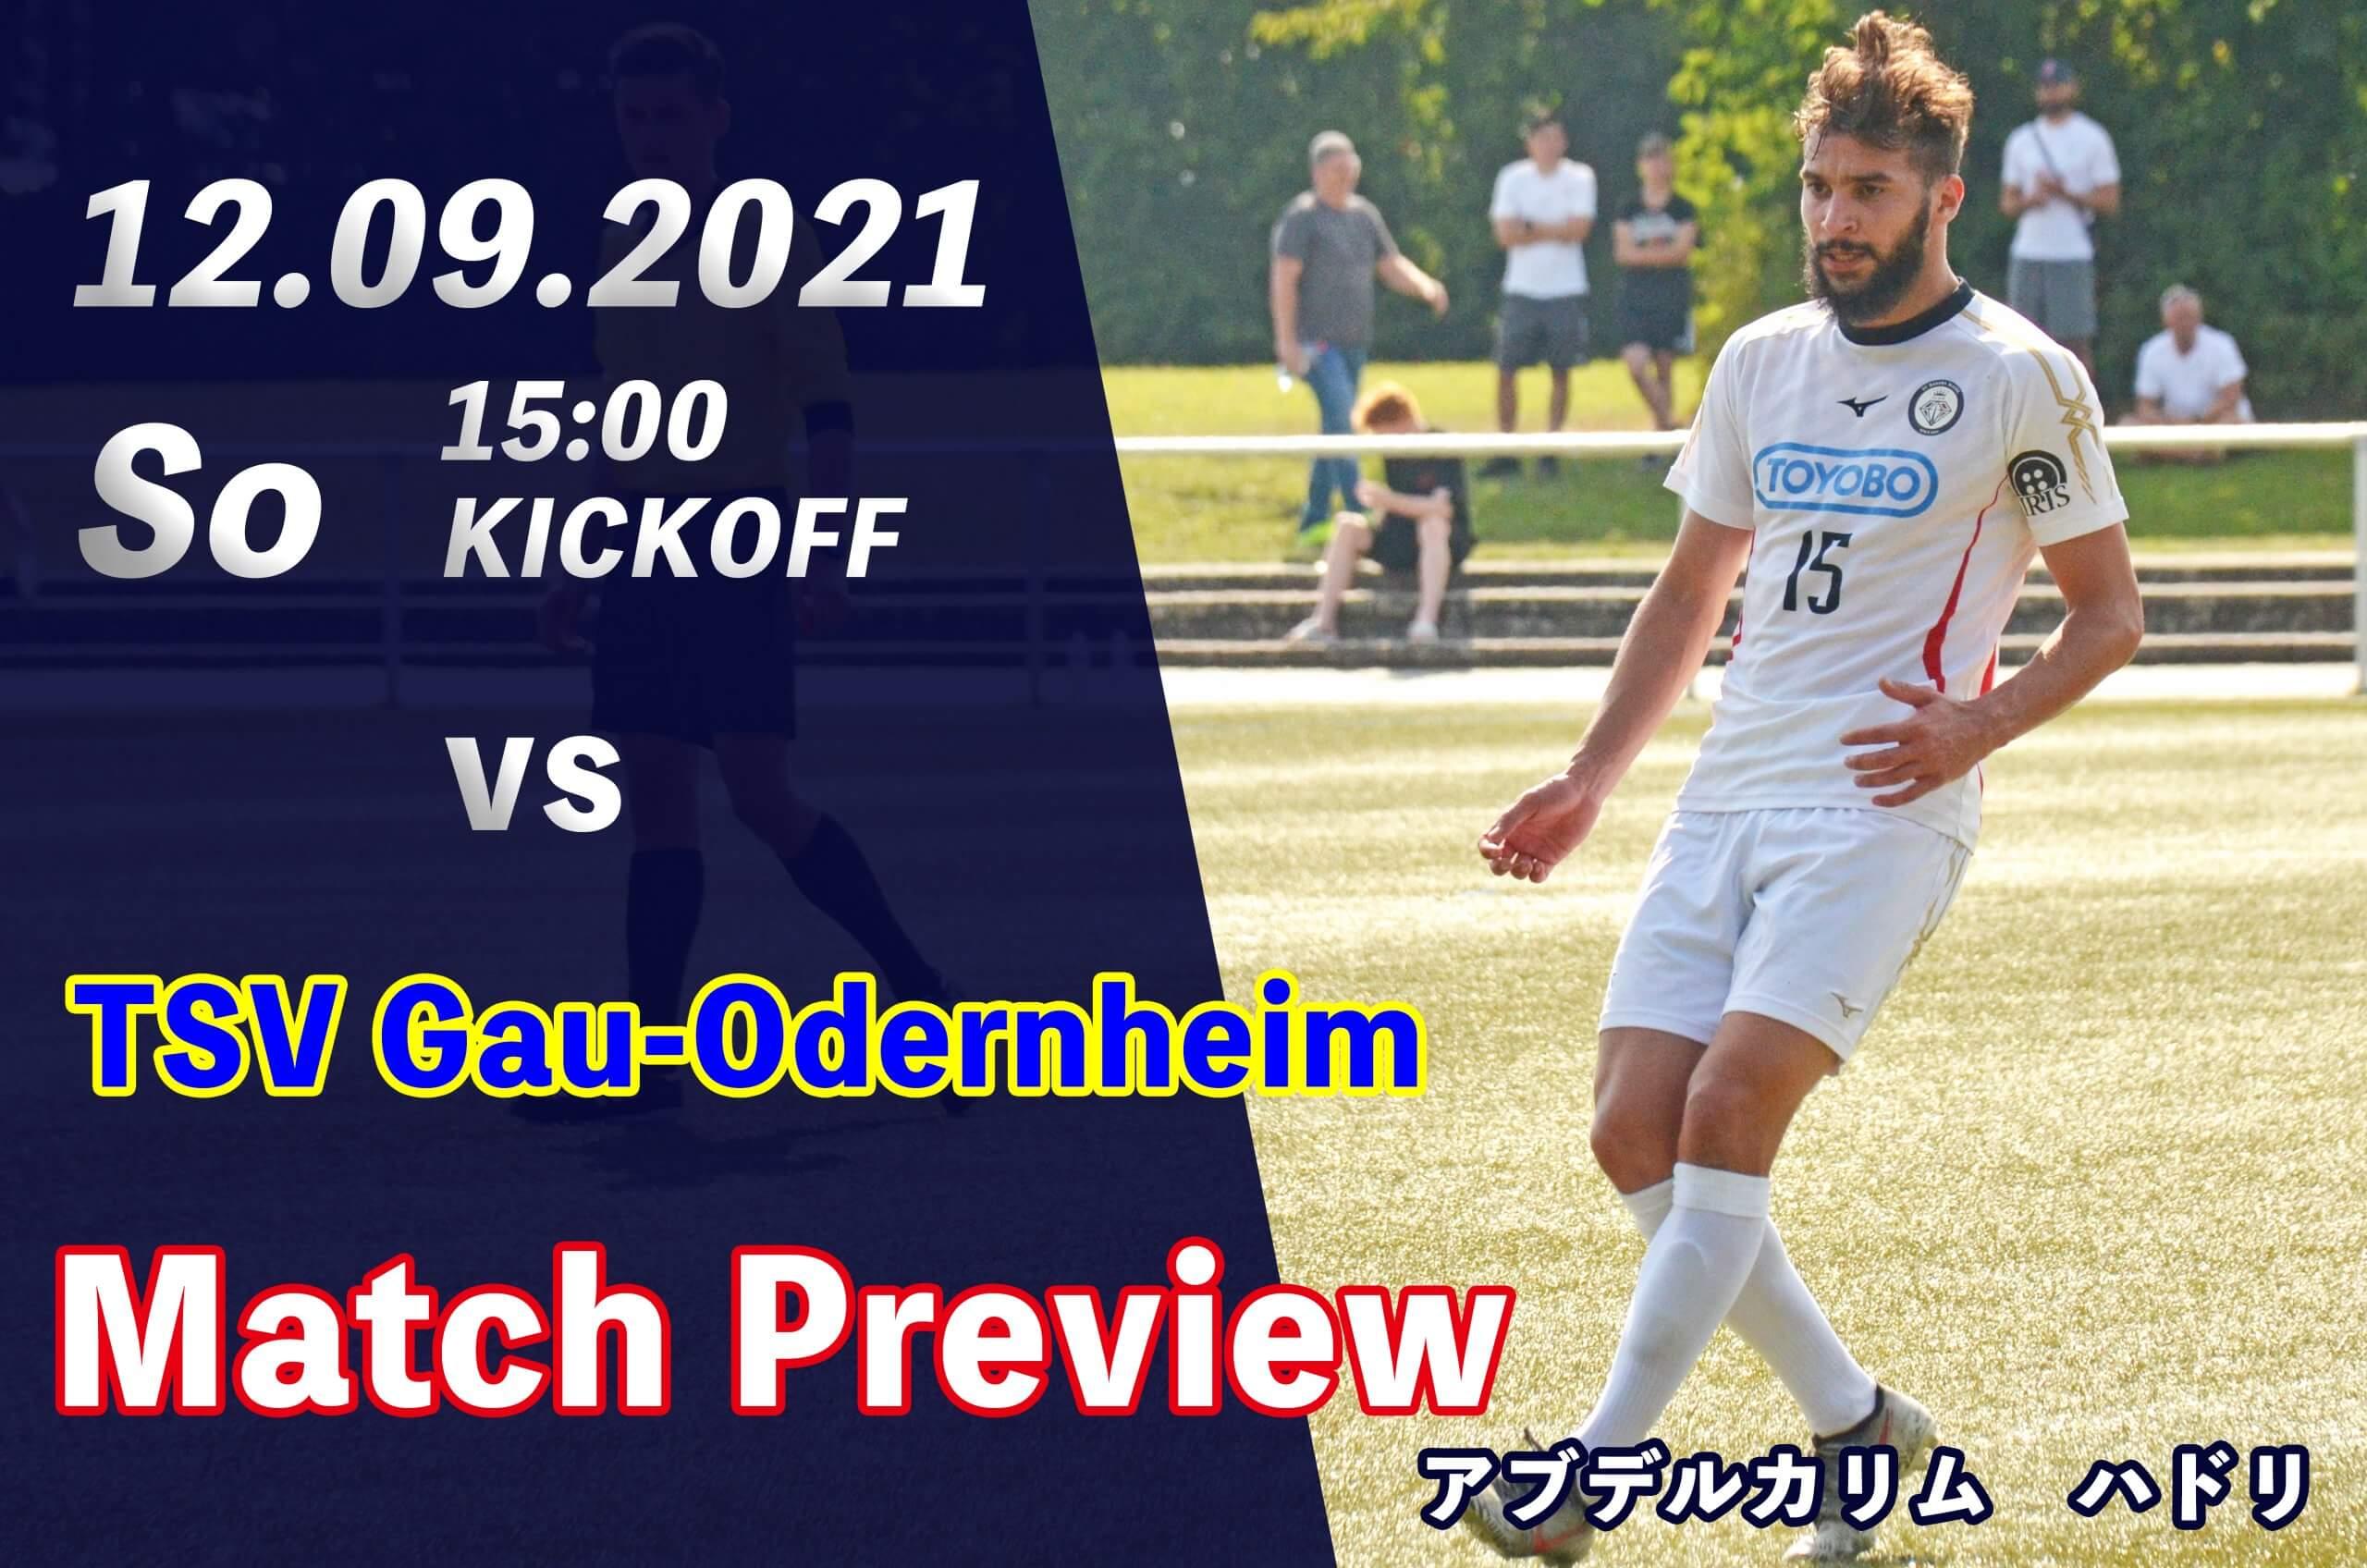 【マッチプレビュー 第5節 vs TSV Gau-Odernheim】